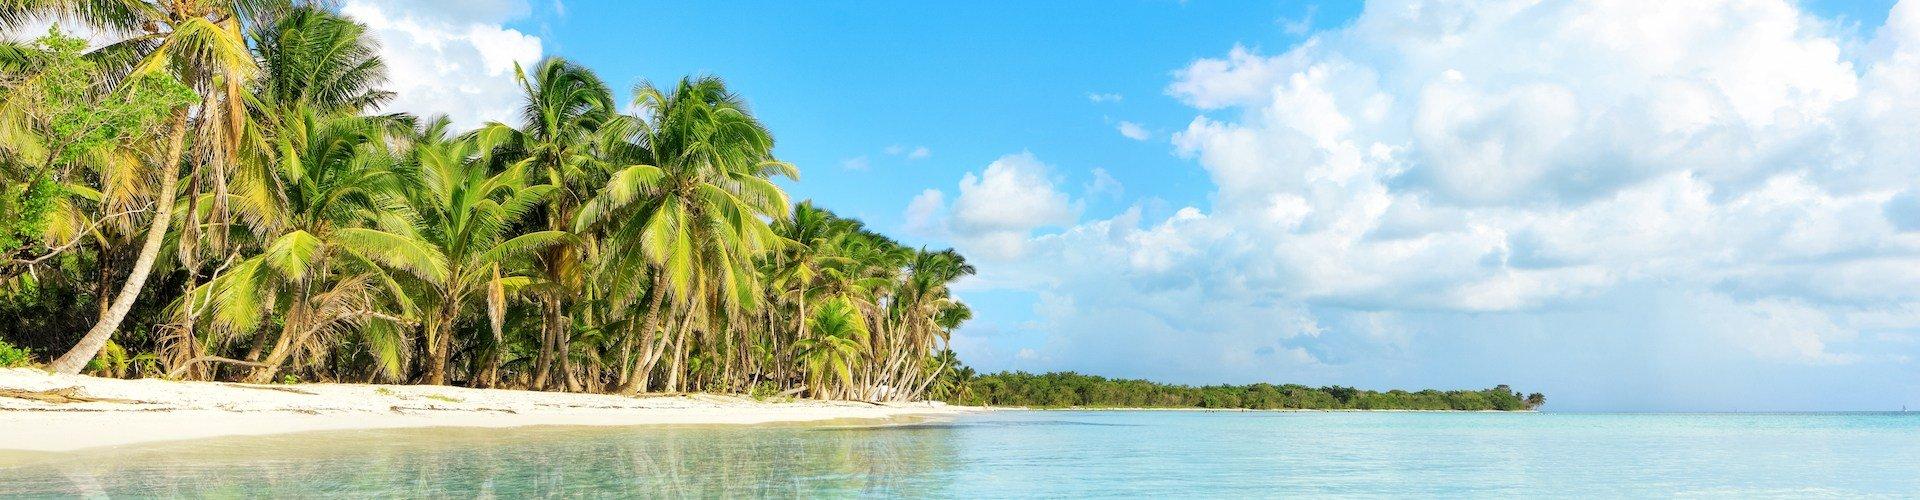 Familienurlaub in der Karibik